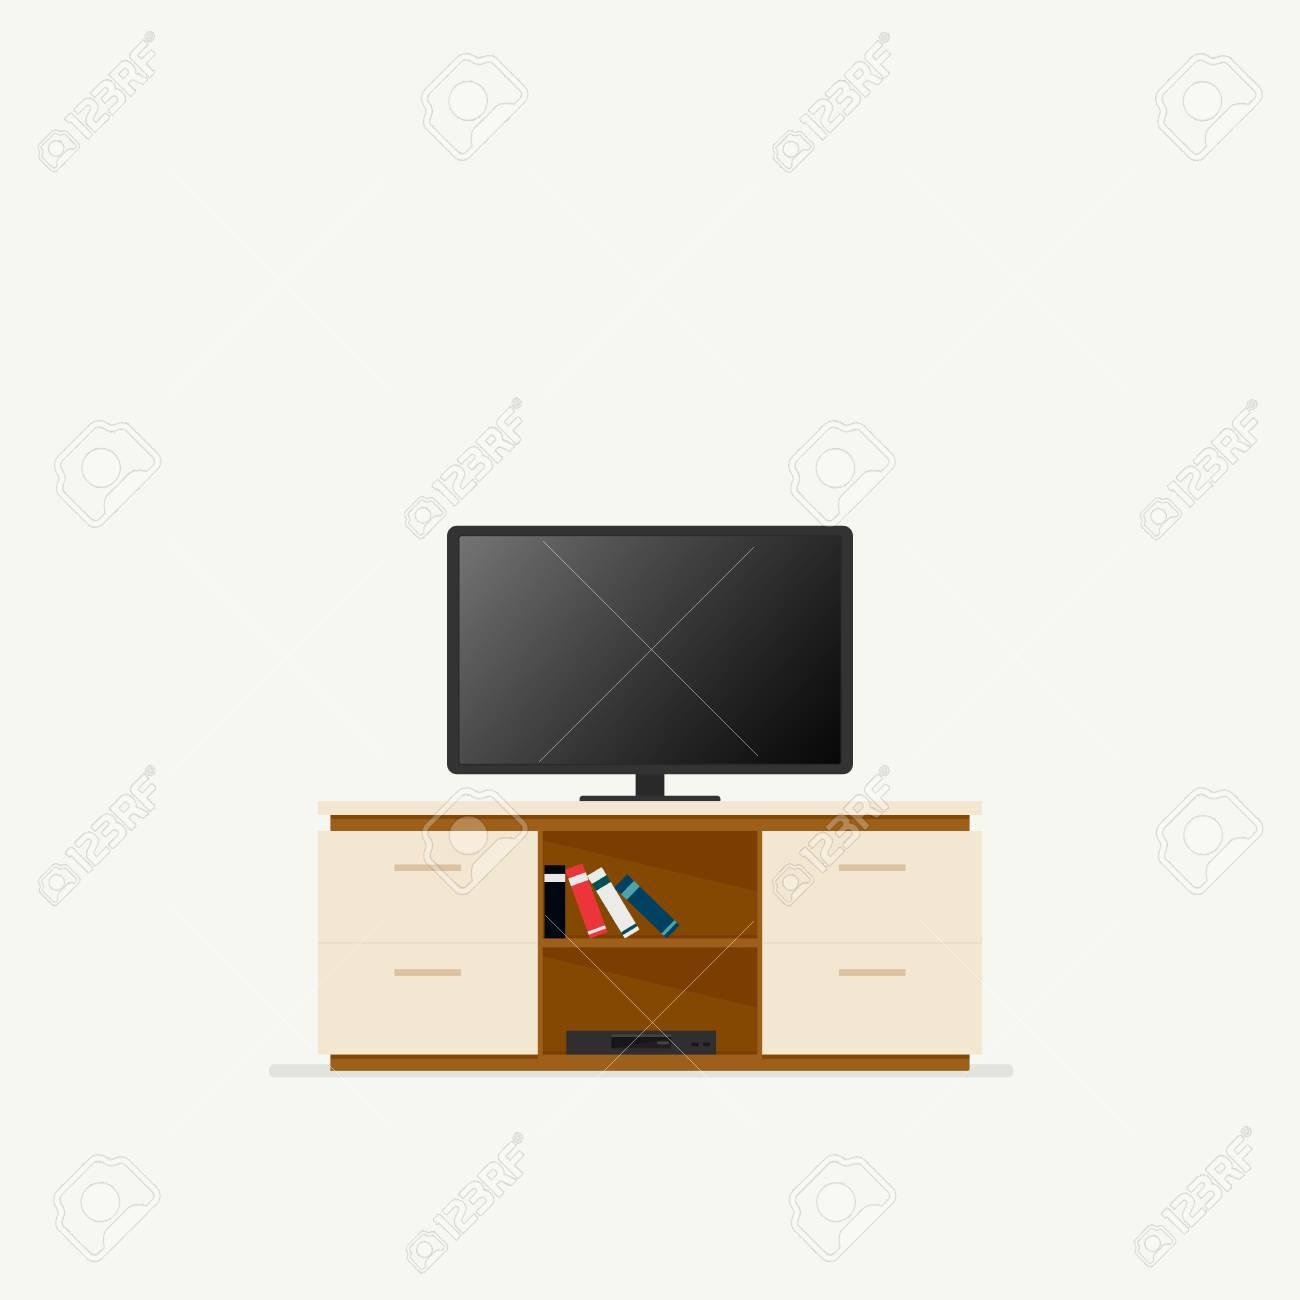 tv schrank vektorillustration lokalisiert auf weissem hintergrund standard bild 82231792